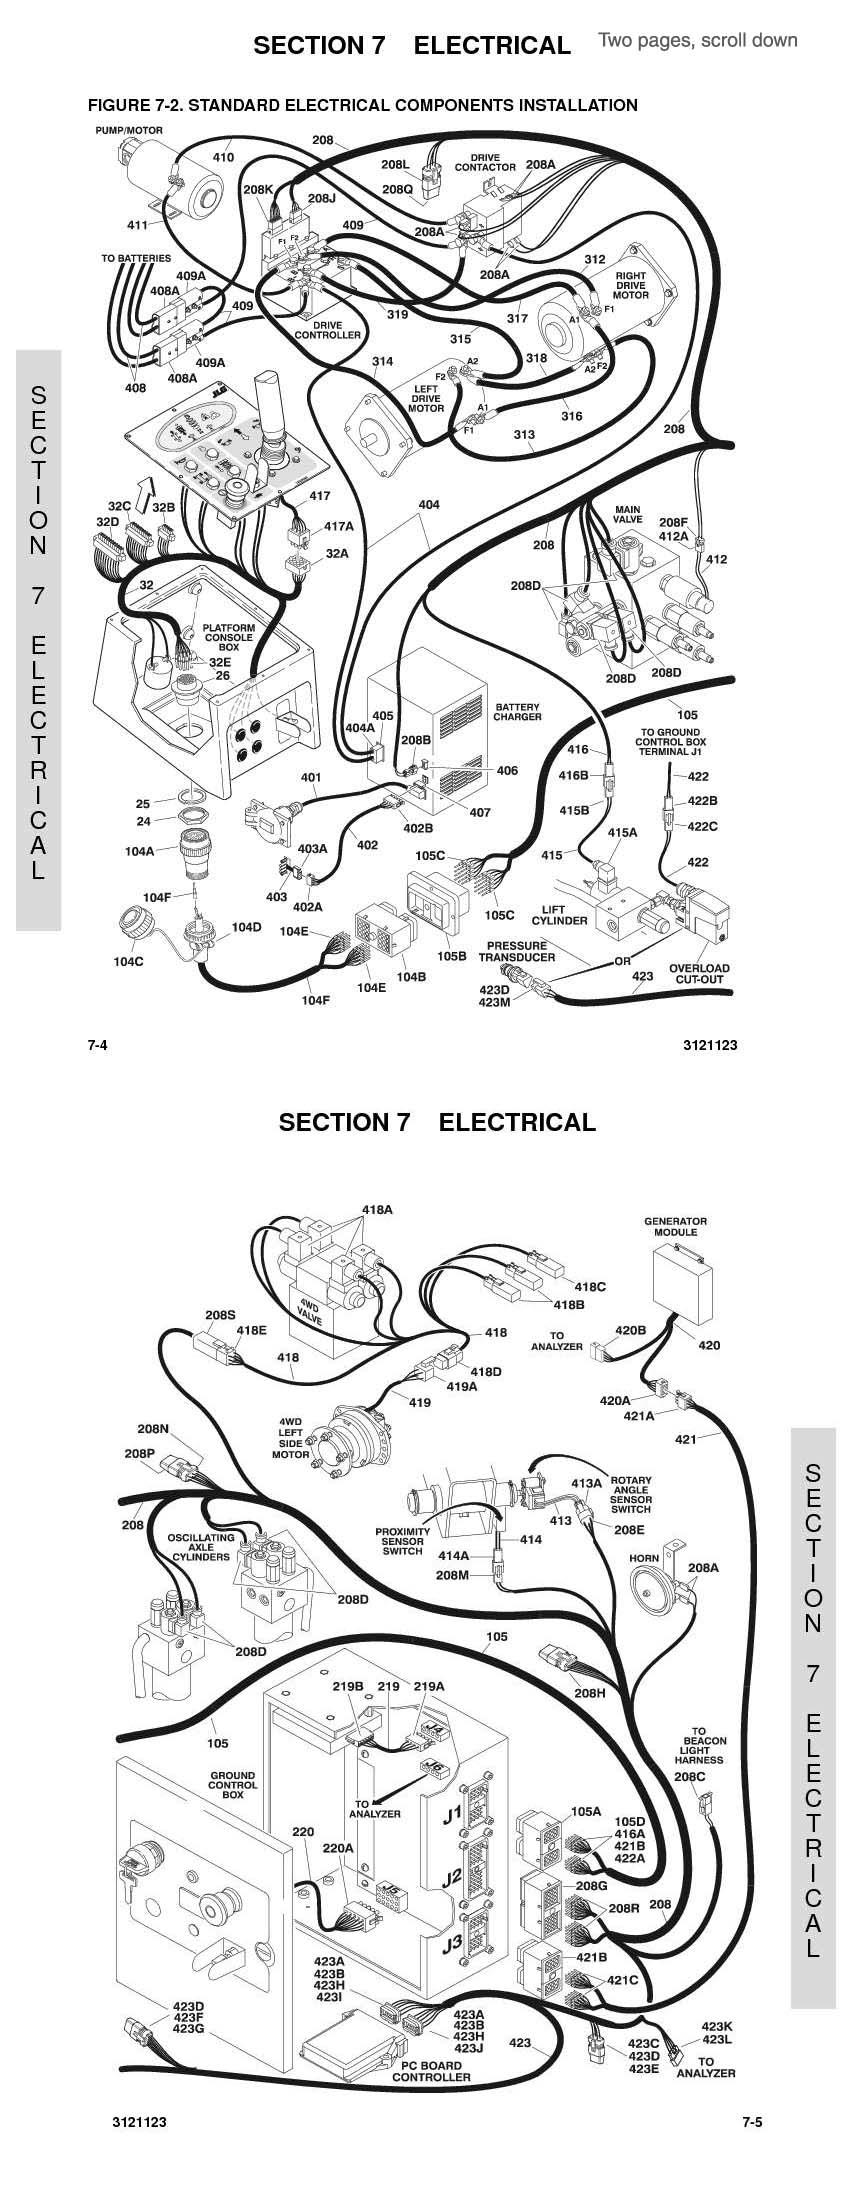 scissor lift battery charger diagram schematic all about repair scissor lift battery charger diagram schematic jlg scissor lift wiring diagram nilzanet 3369le 4069le m3369